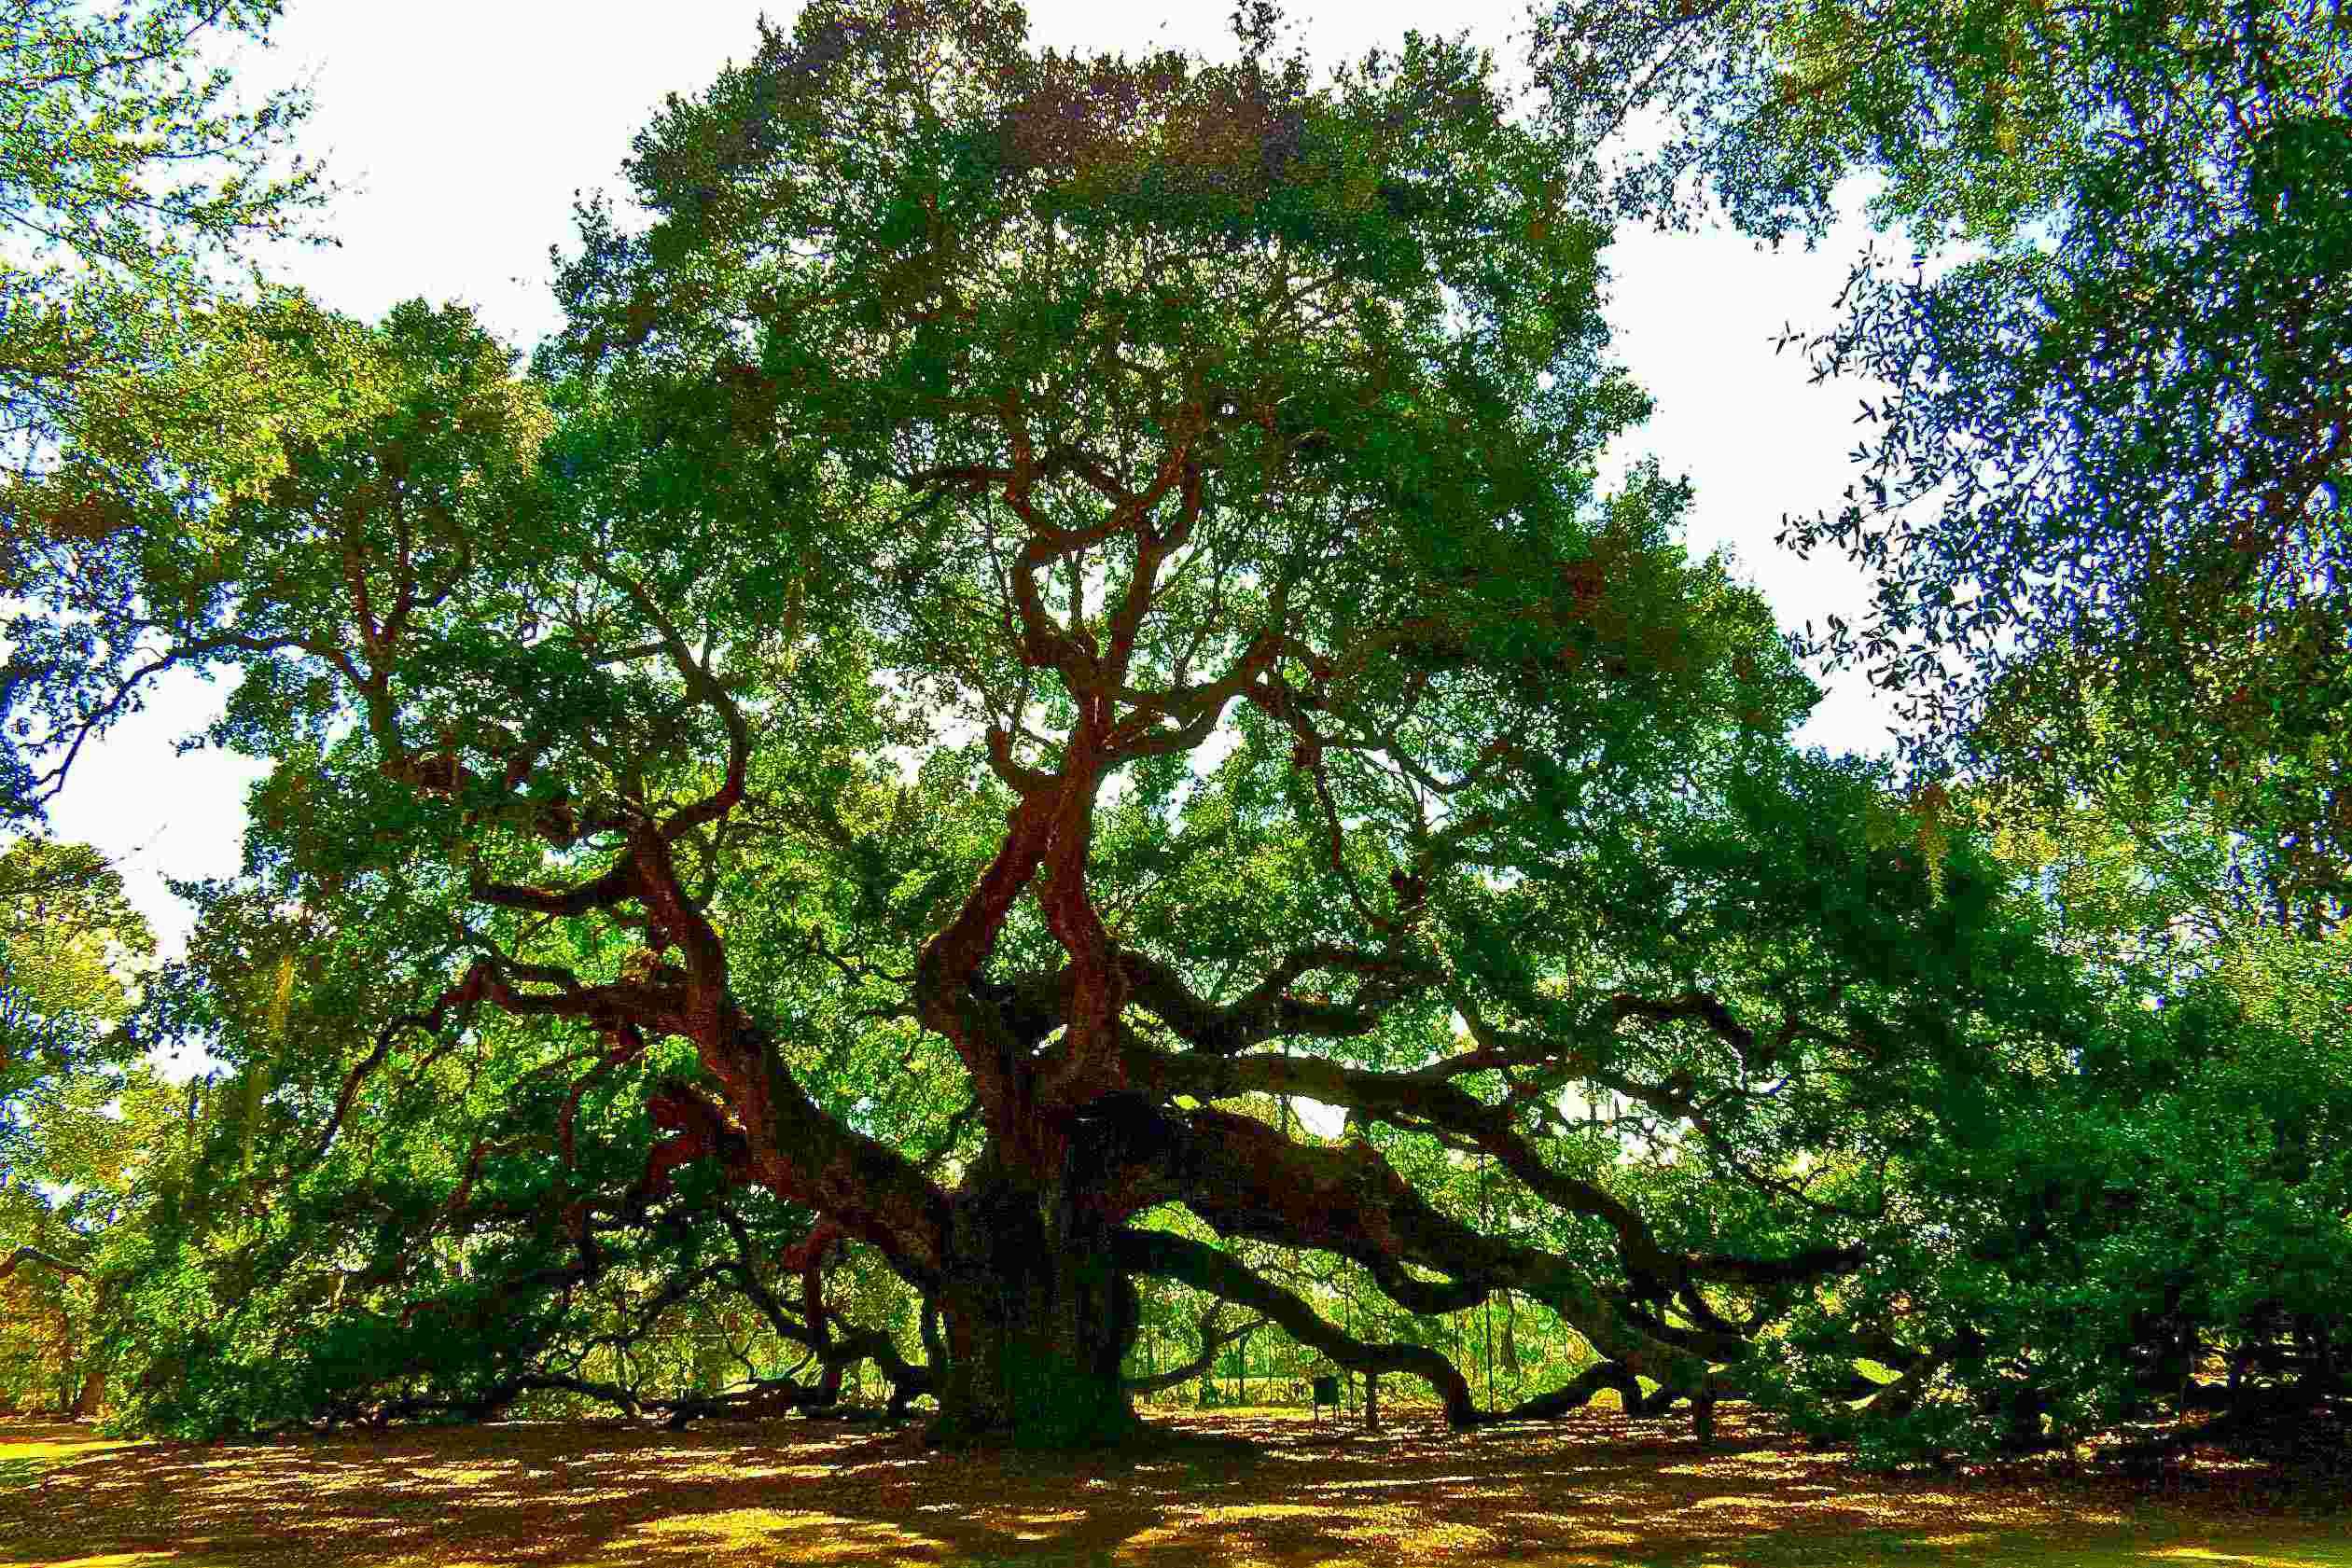 Oak Wilt Prevention During Peak Transmission Season